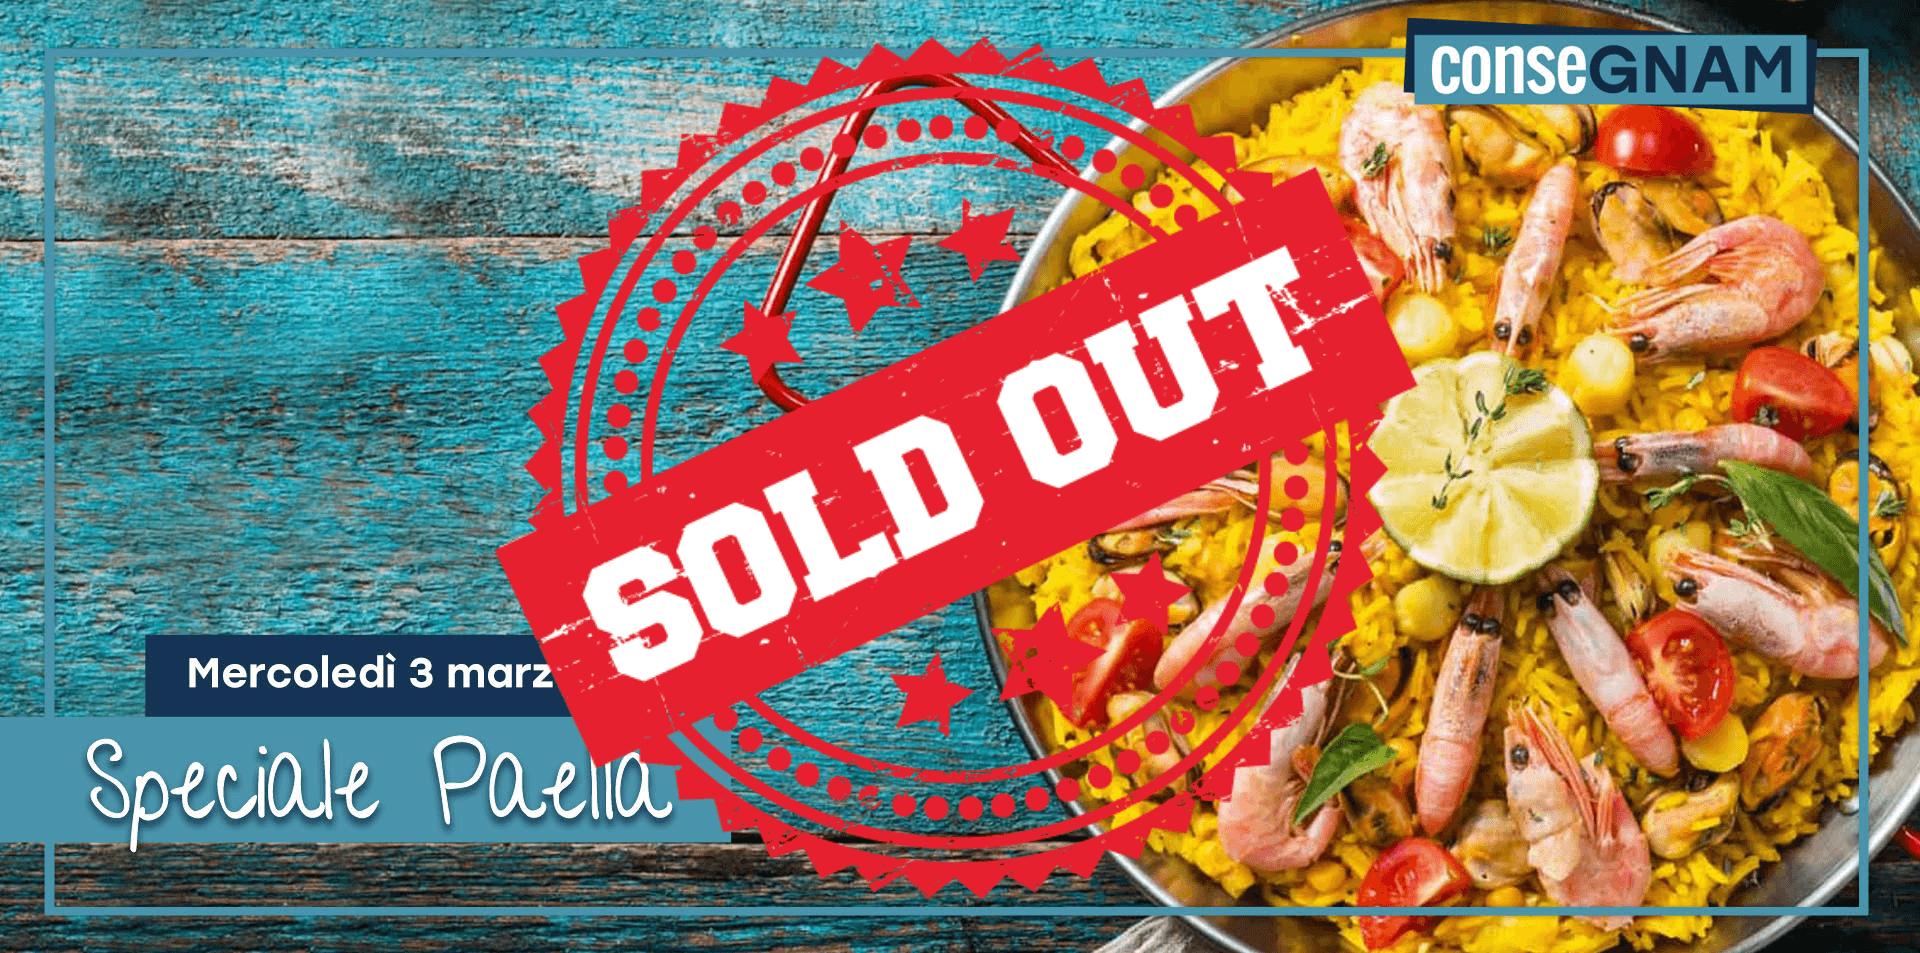 Speciale Paella di Pesce  ||  3 Marzo